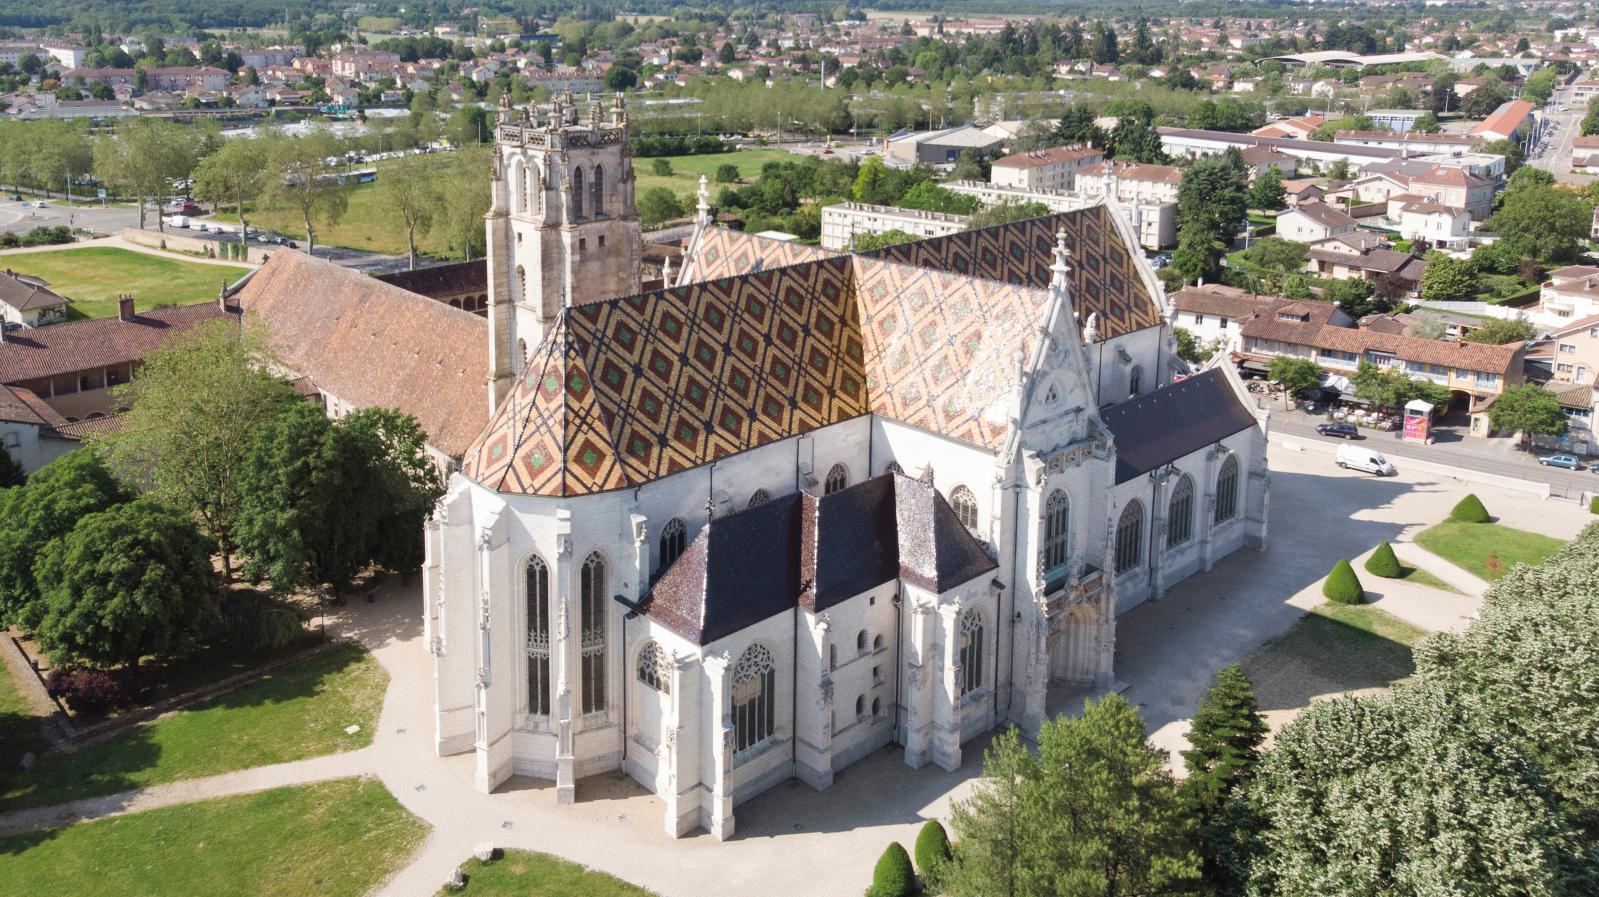 Monastère royal de Brou, à Bourg-en-Bresse (Ain). © Bourg-en-Bresse